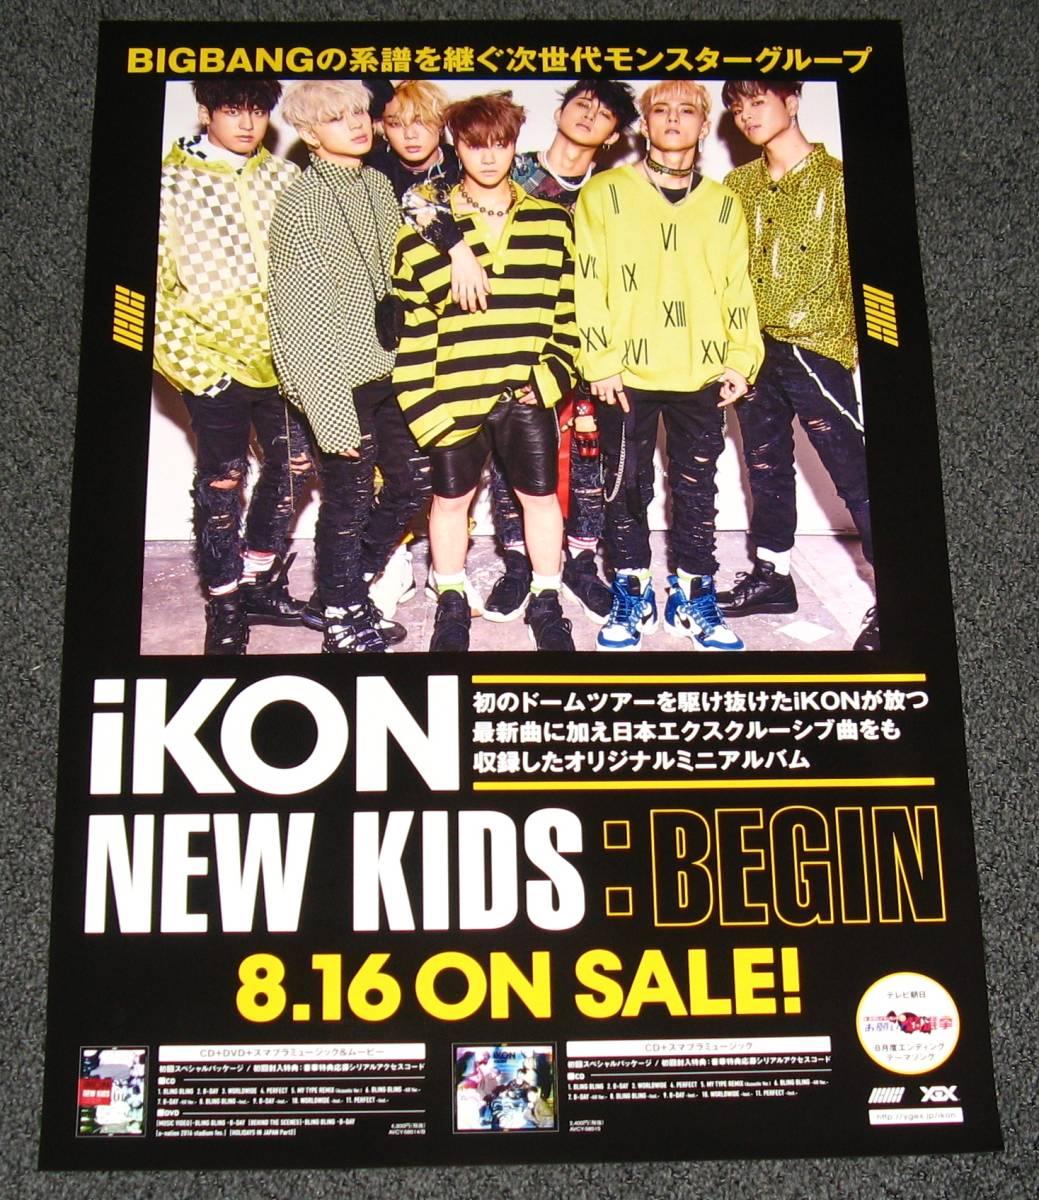 iKON [NEW KIDS:BEGIN] 告知ポスター